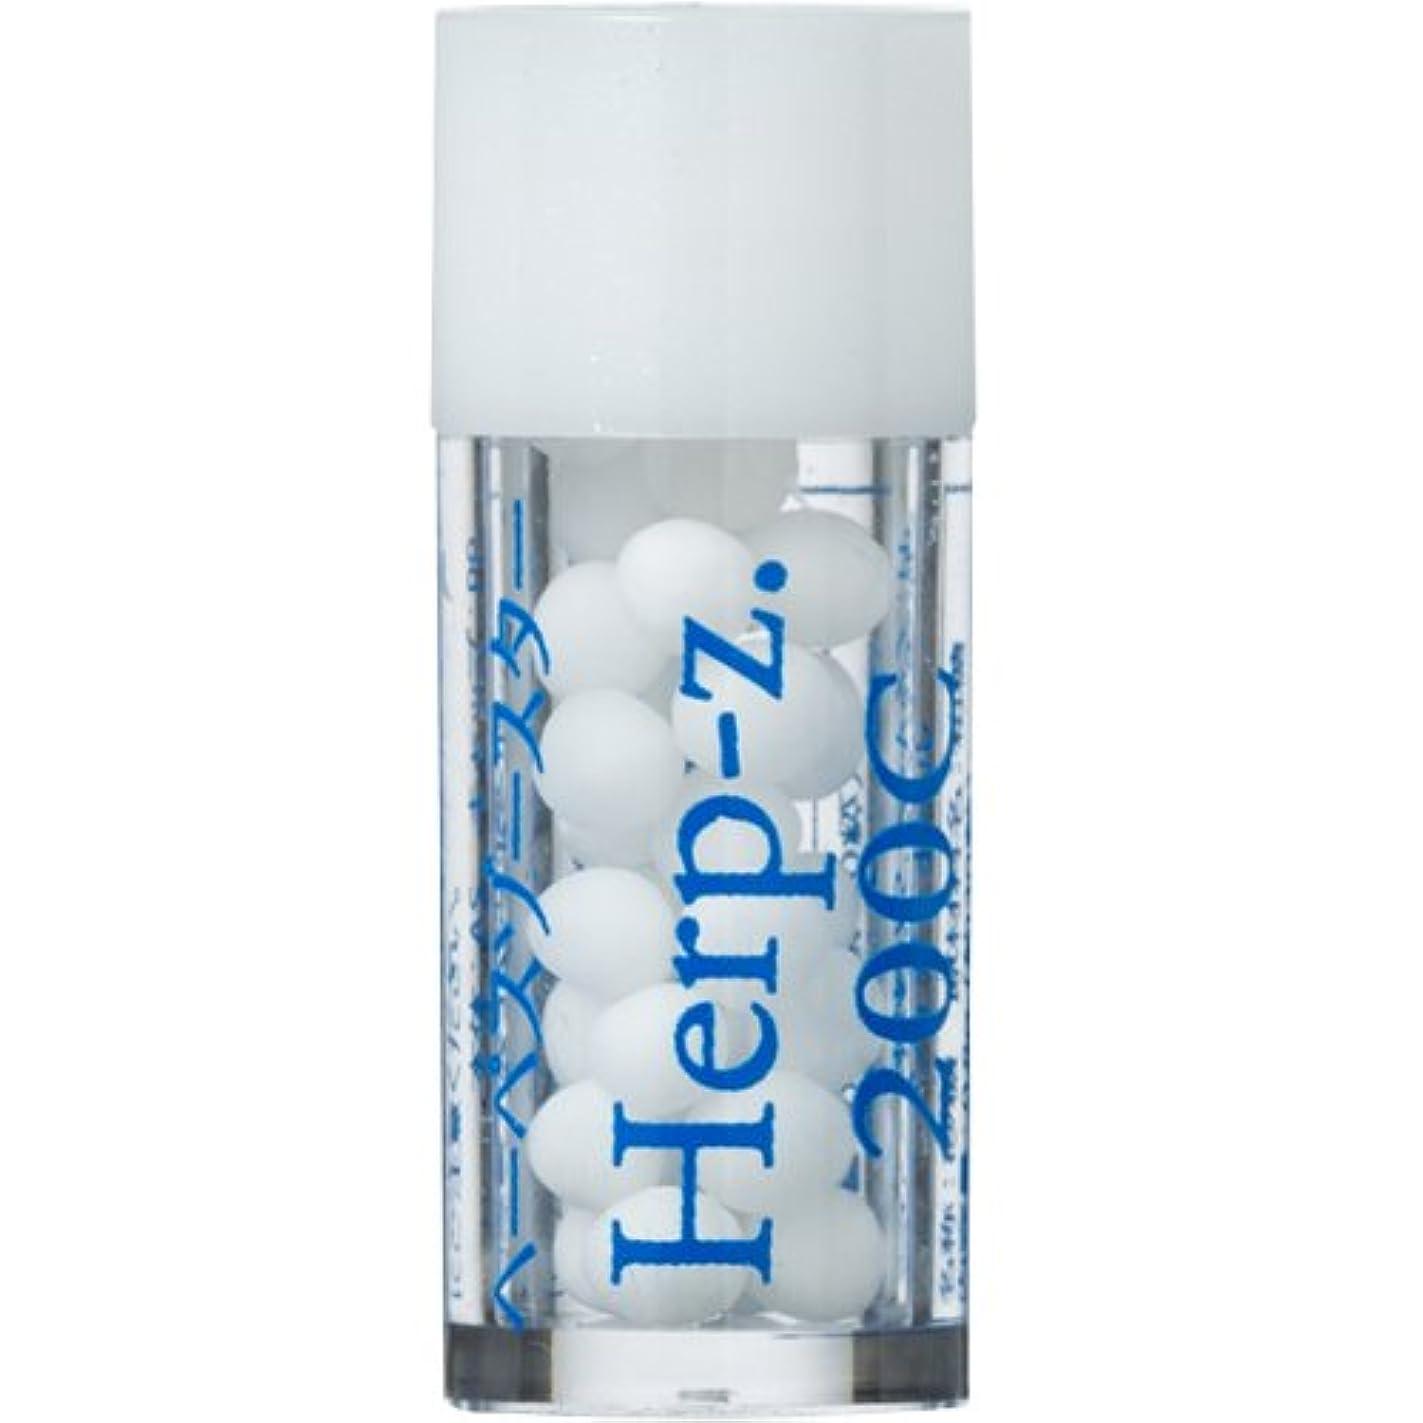 ケープ消化器麻痺させるホメオパシージャパンレメディー YOBO22 Herp-z. ヘーペスゾースター 200C